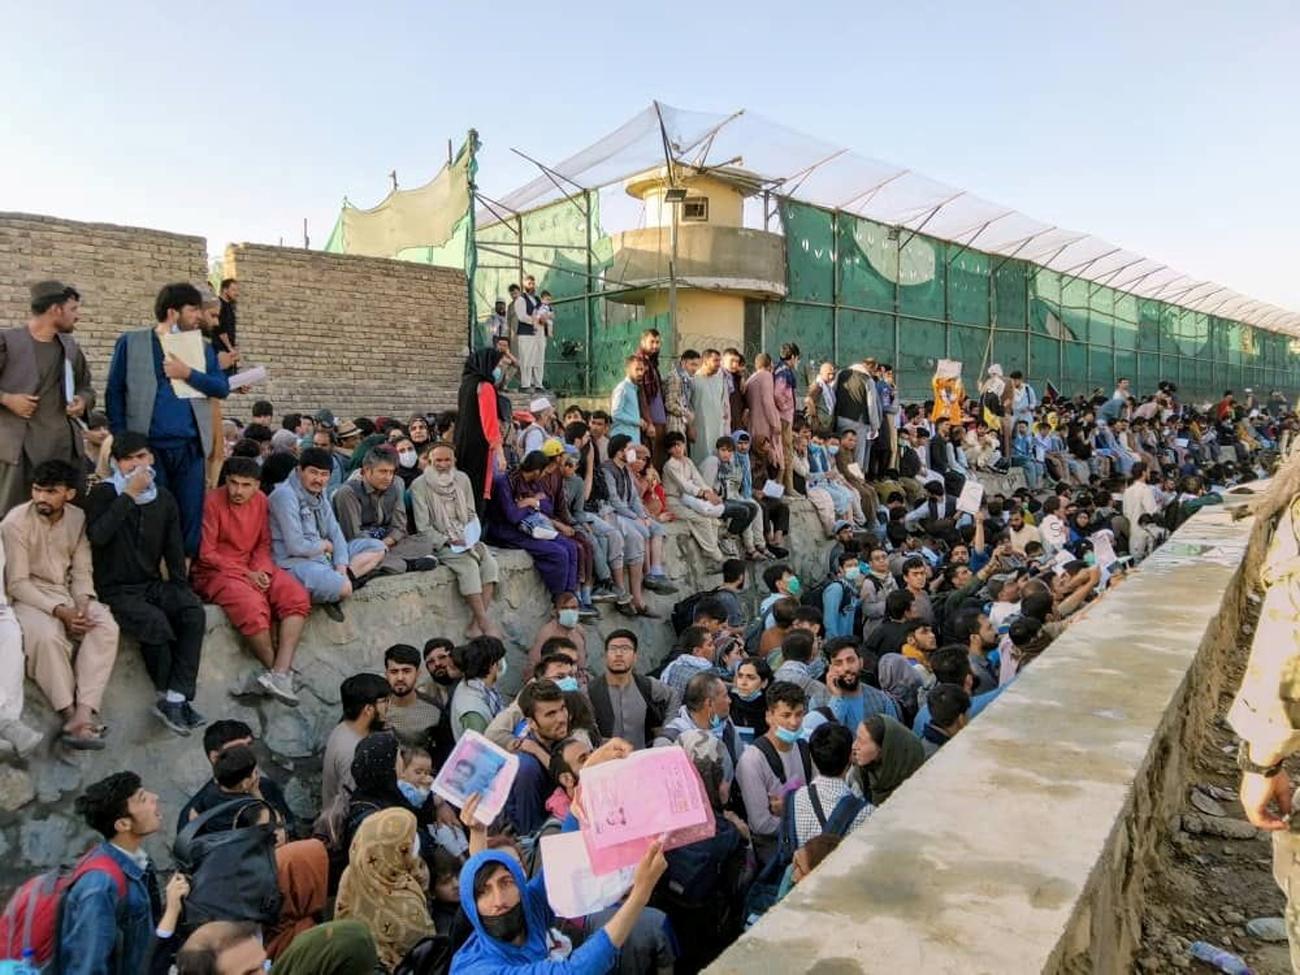 Αφγανιστάν: Φόβοι για επίθεση στο πλήθος που προσπαθεί να ξεφύγει από τους Ταλιμπάν